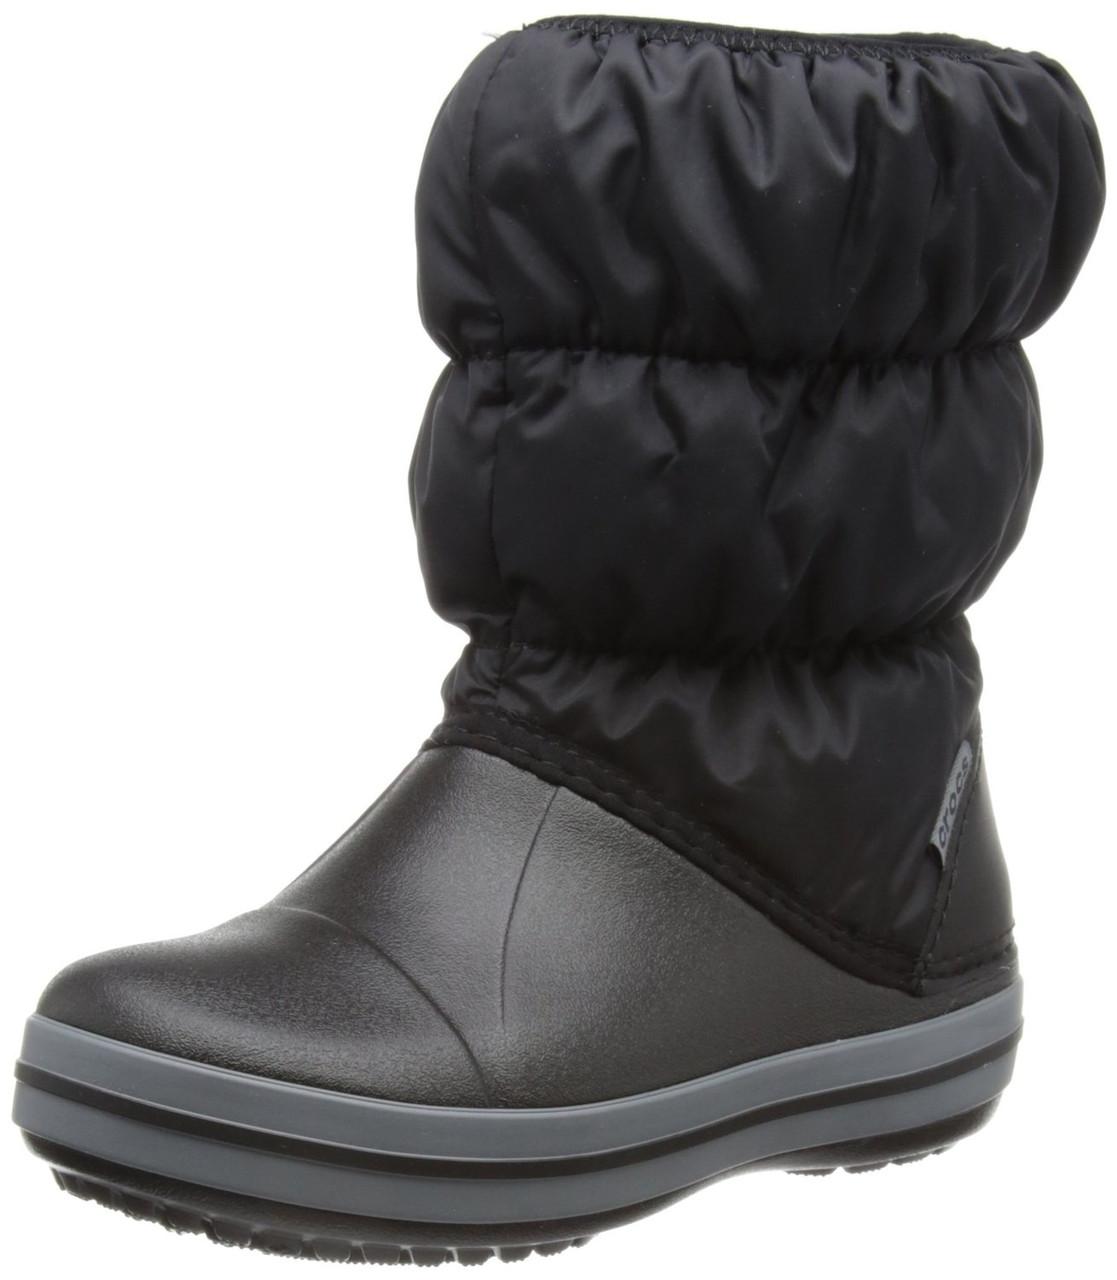 Женские сапоги Крокс Crocs -  Unisex Winter Puff Boot  Shoes